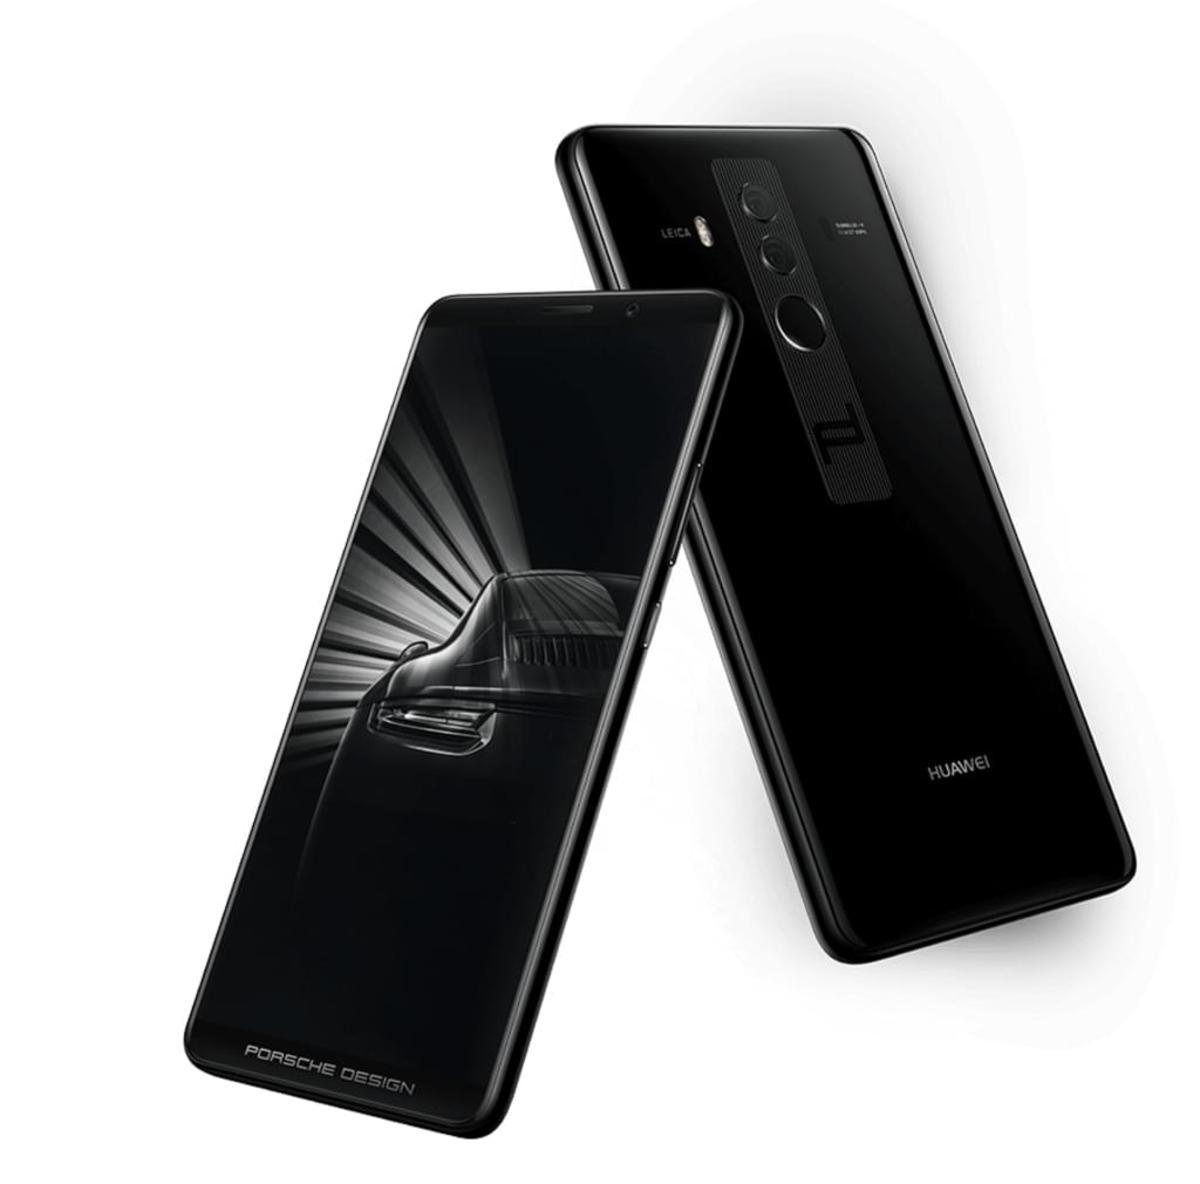 Bild 4 von Huawei Mate 10 Smartphone (5,9 Zoll) 256GB 6GB RAM Porsche Design, Farbe:schwarz